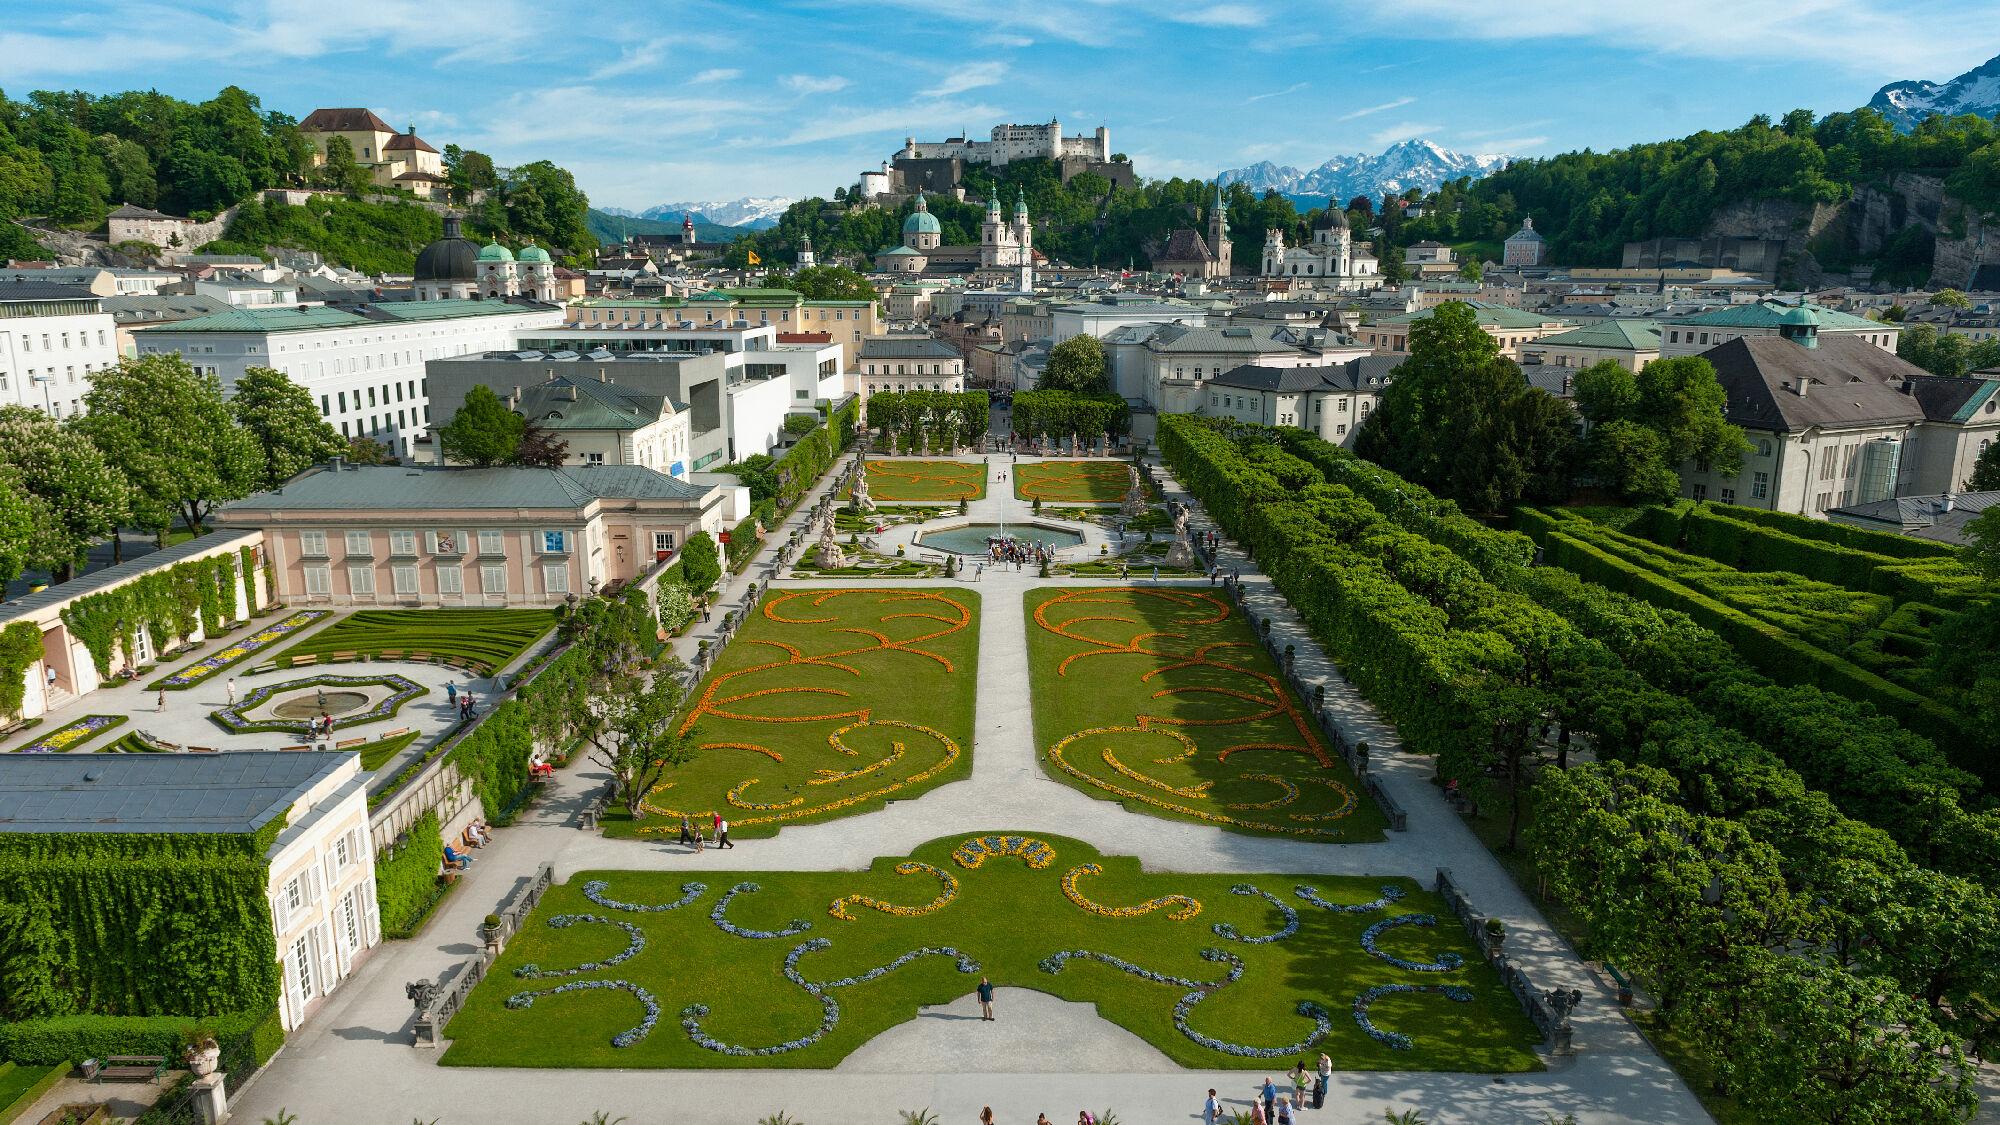 Mirabellgarten in Salzburg mit Blick auf die Festung Hohensalzburg